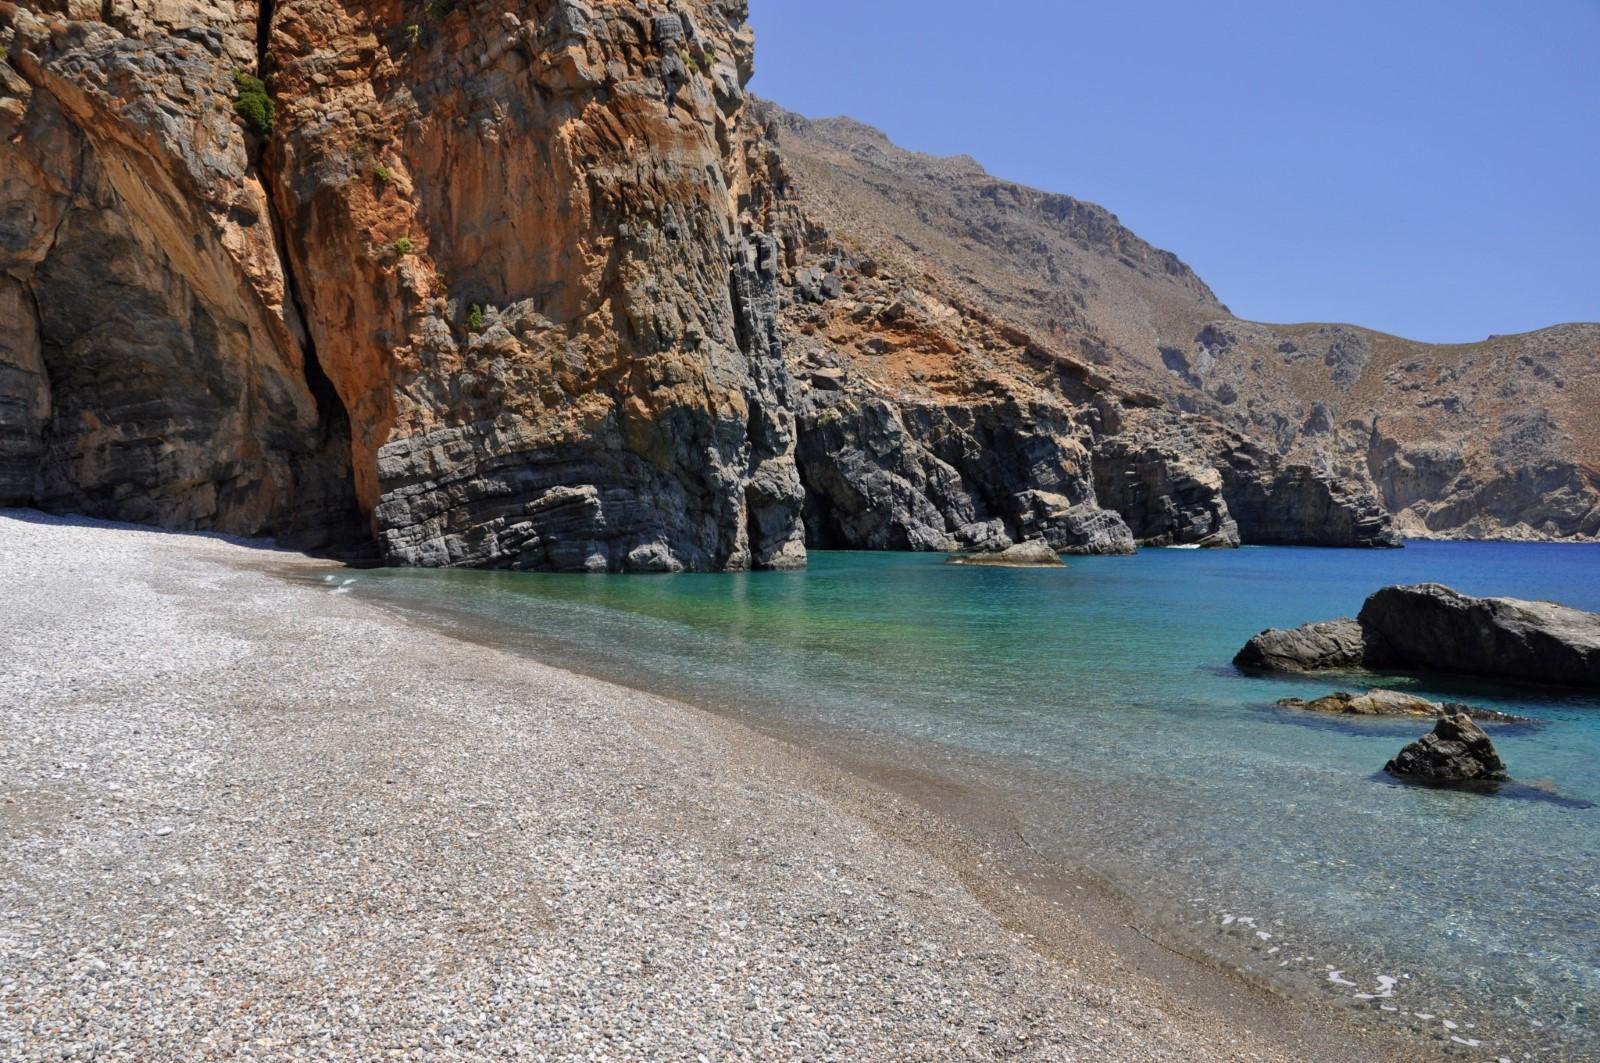 Καμινάκι, Παραλία στο Ηράκλειο Κρήτης